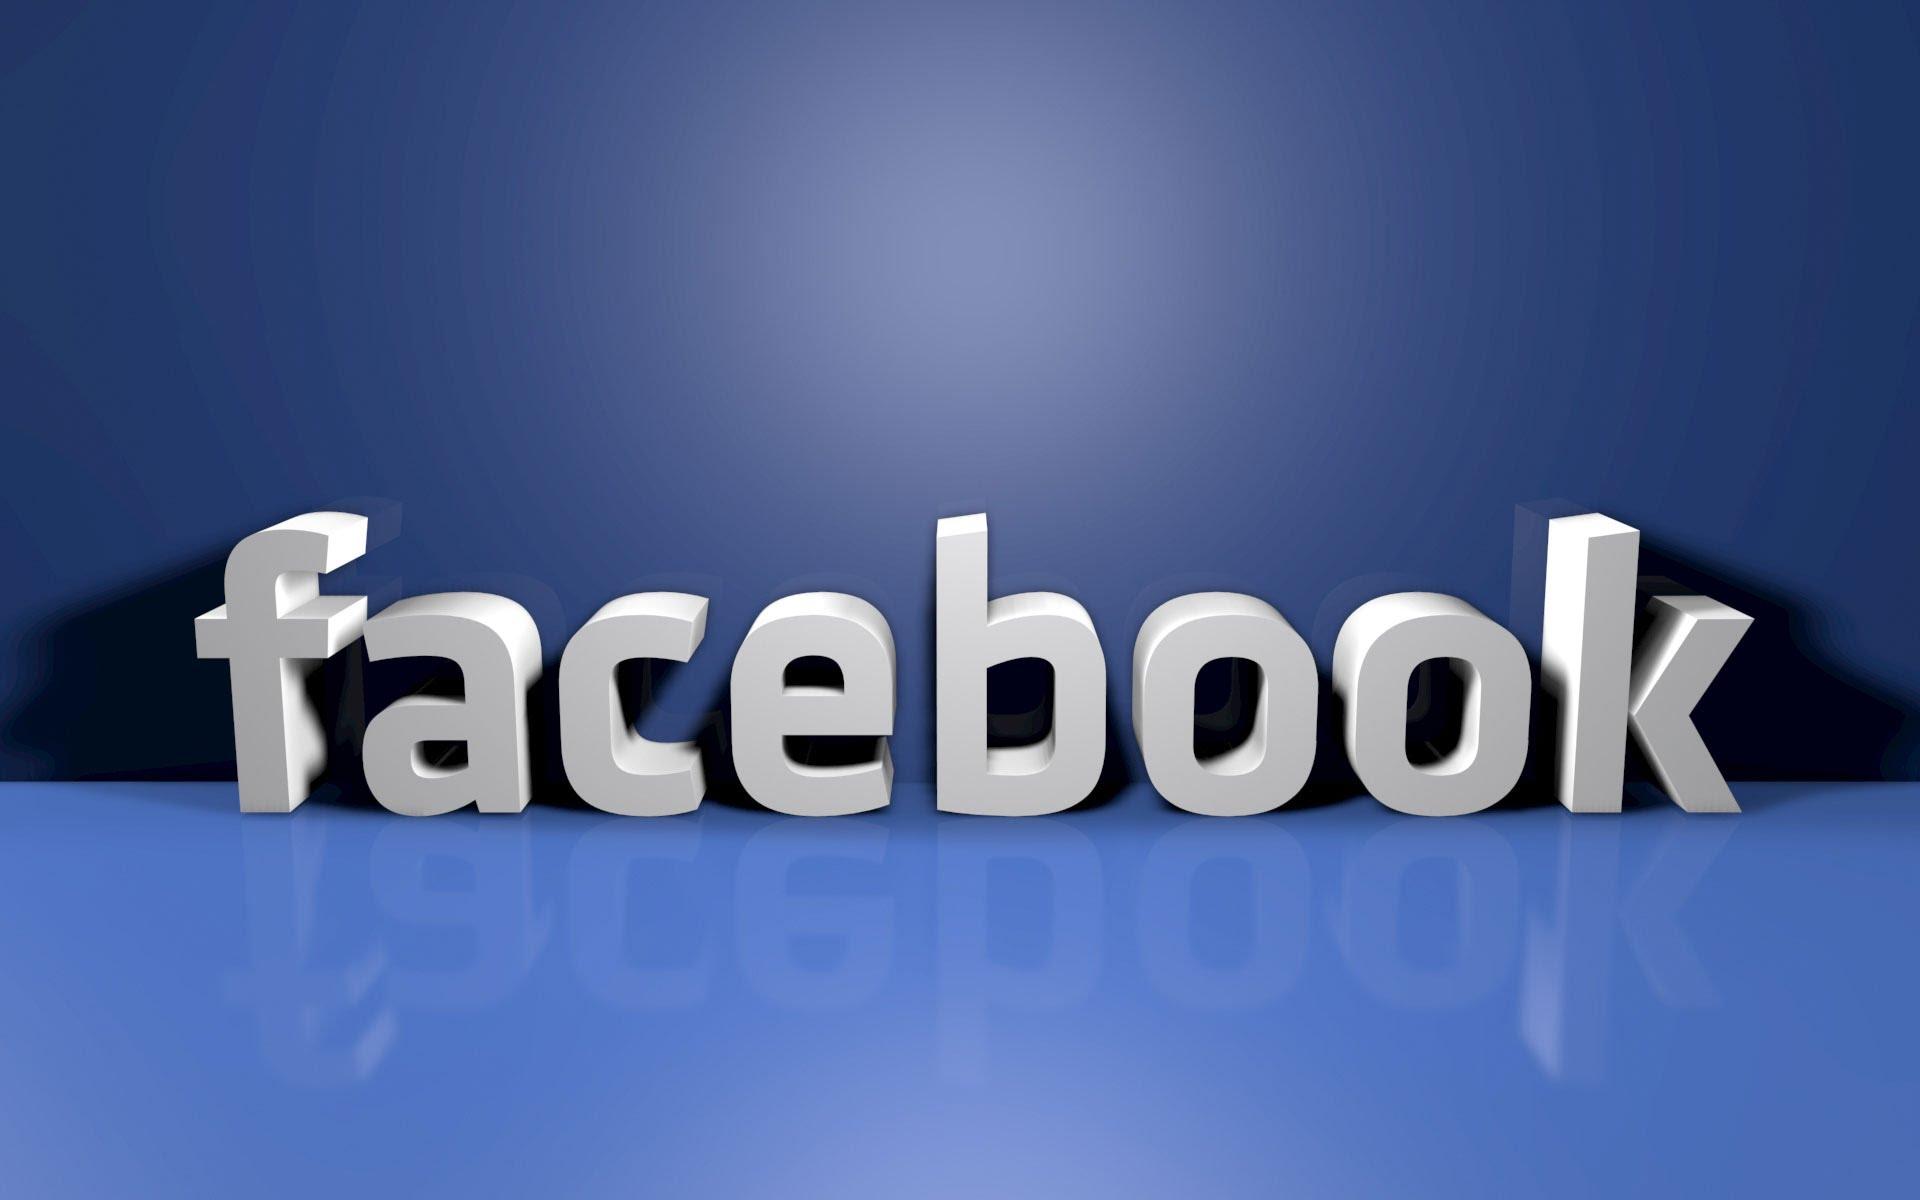 إعدادات مفيدة للفيس بوك لا يعرفها الكثير